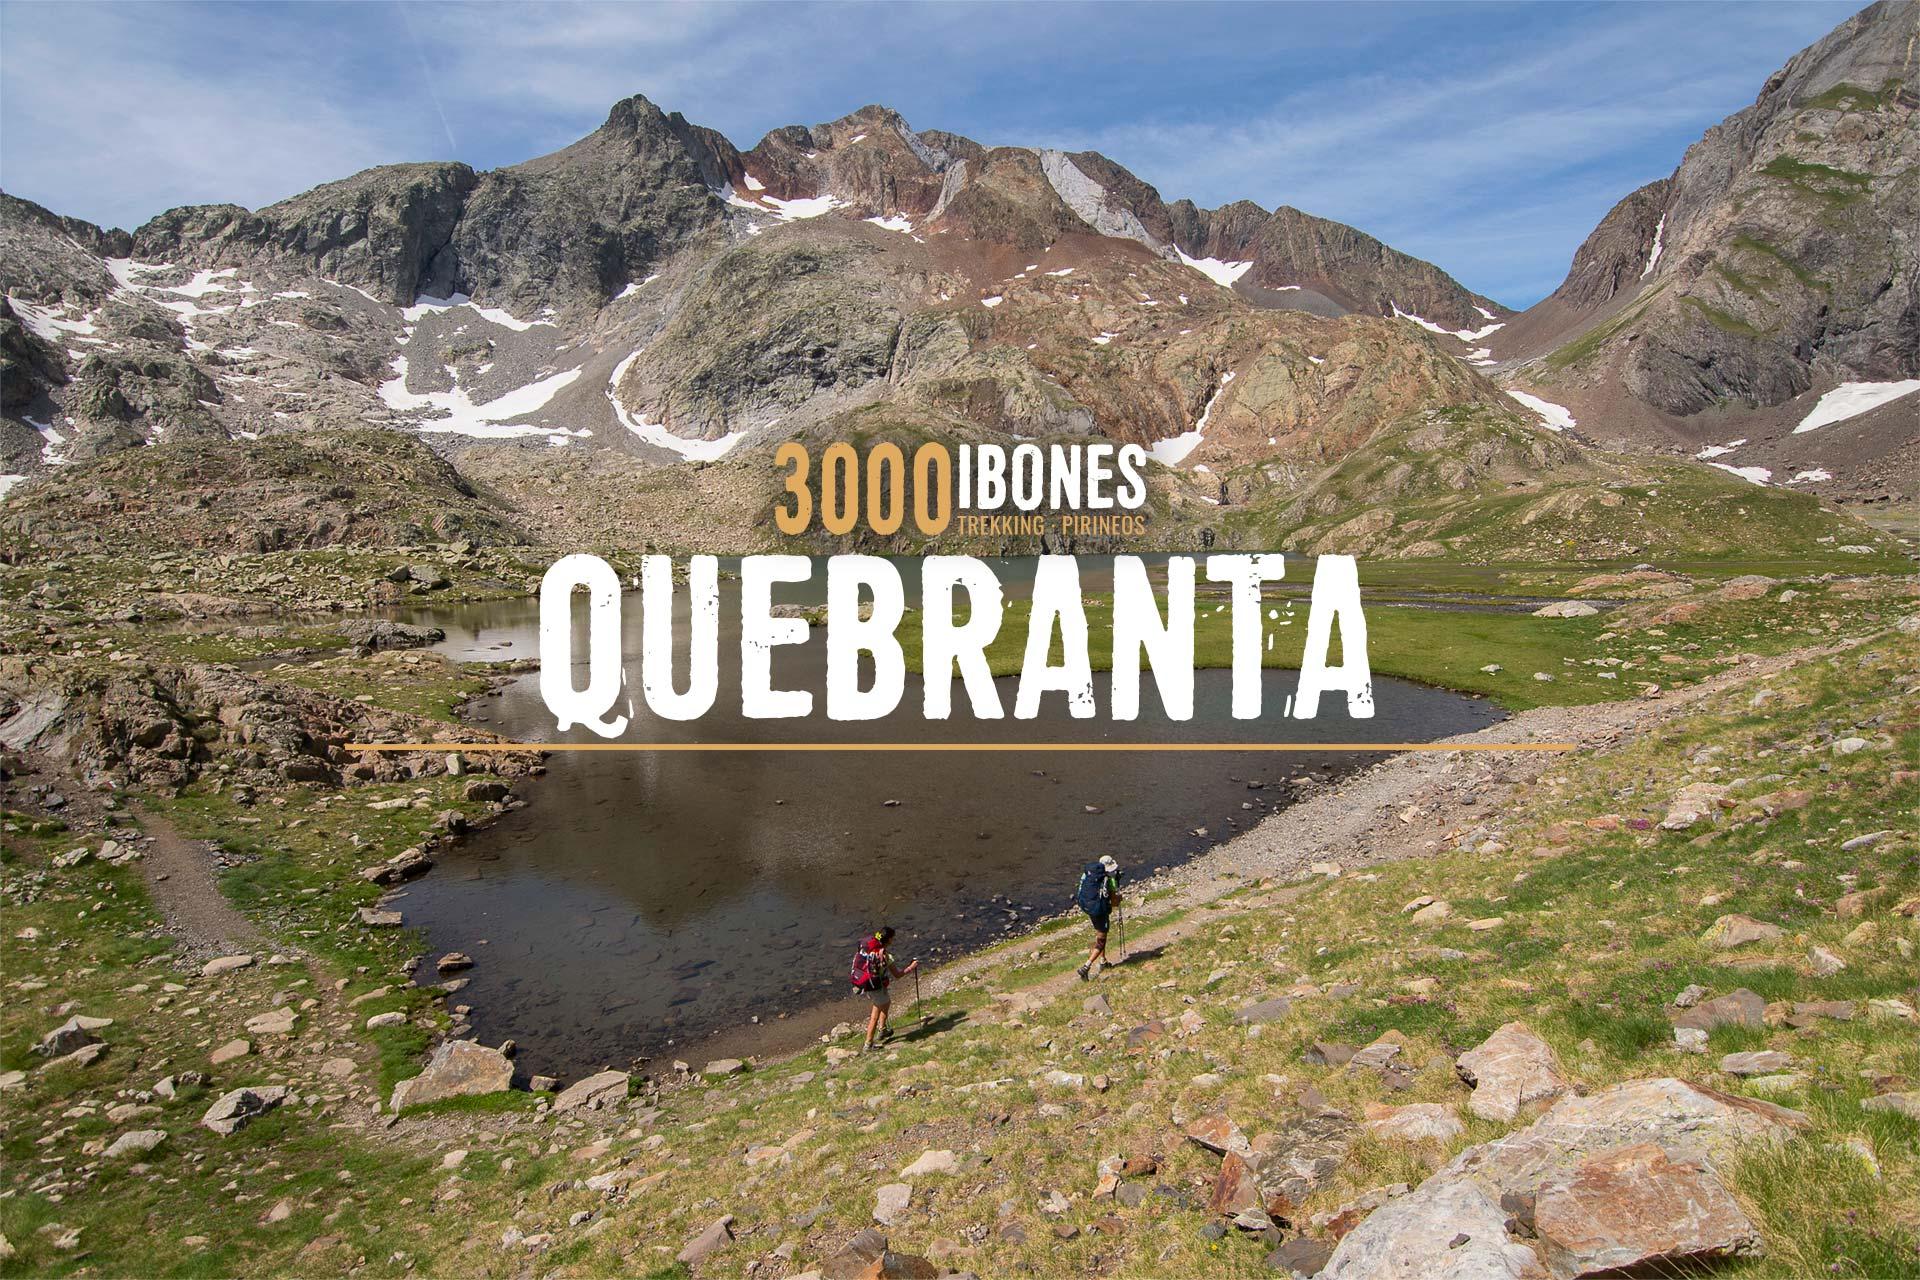 3000 IBONES QUEBRANTA - RUTA CIRCULAR 6 DÍAS PIRINEOS